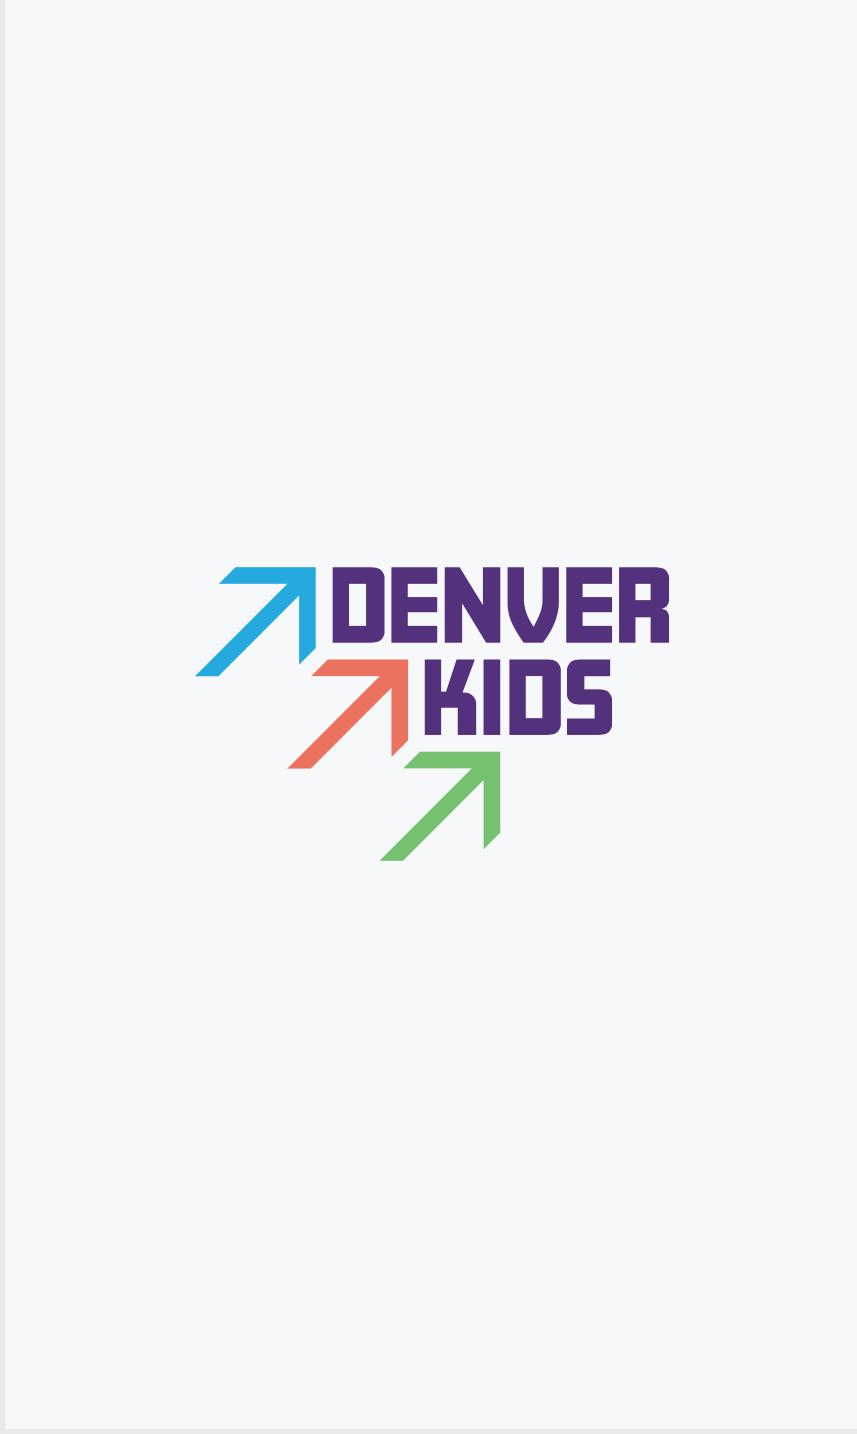 Denver Kids card back 2